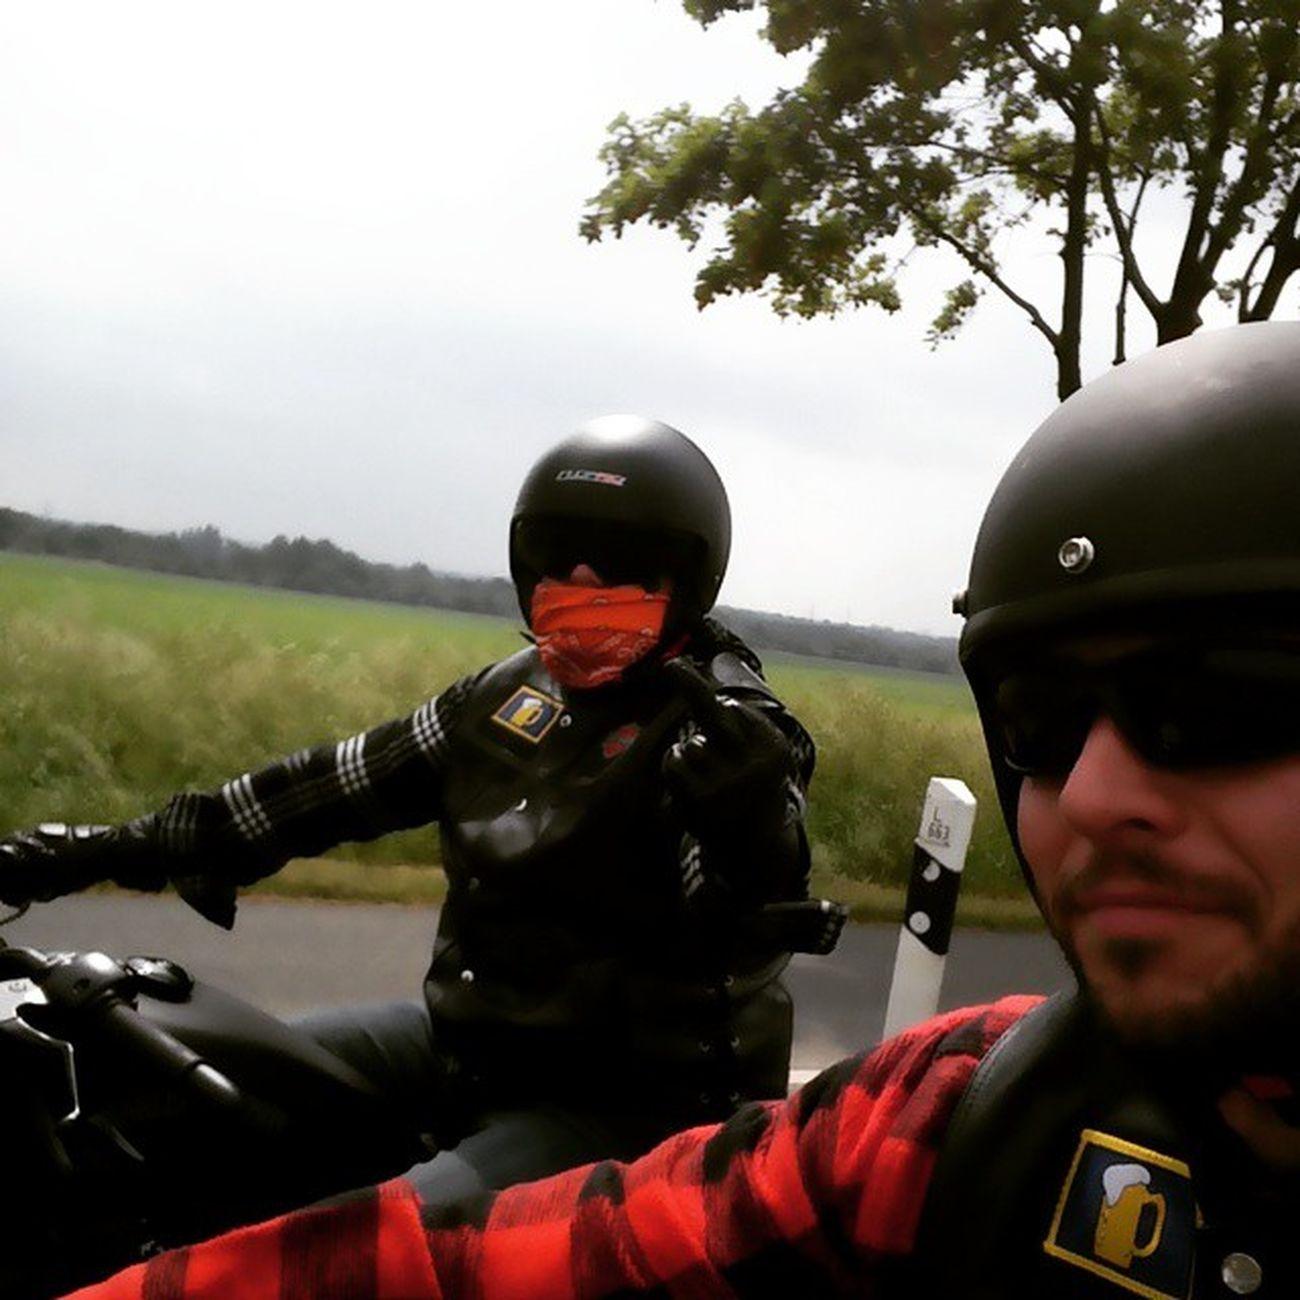 Harley4life Loudpipessavelifes Justharley 2Brothers Loveyourharleydielaughing Harley Harleydavidson Choppedharley Rocknroll MyLifeMyRules Ftw Dortmund Ruhrpott NRW HaveFun RideOrDie Tattoos Ilovebikers